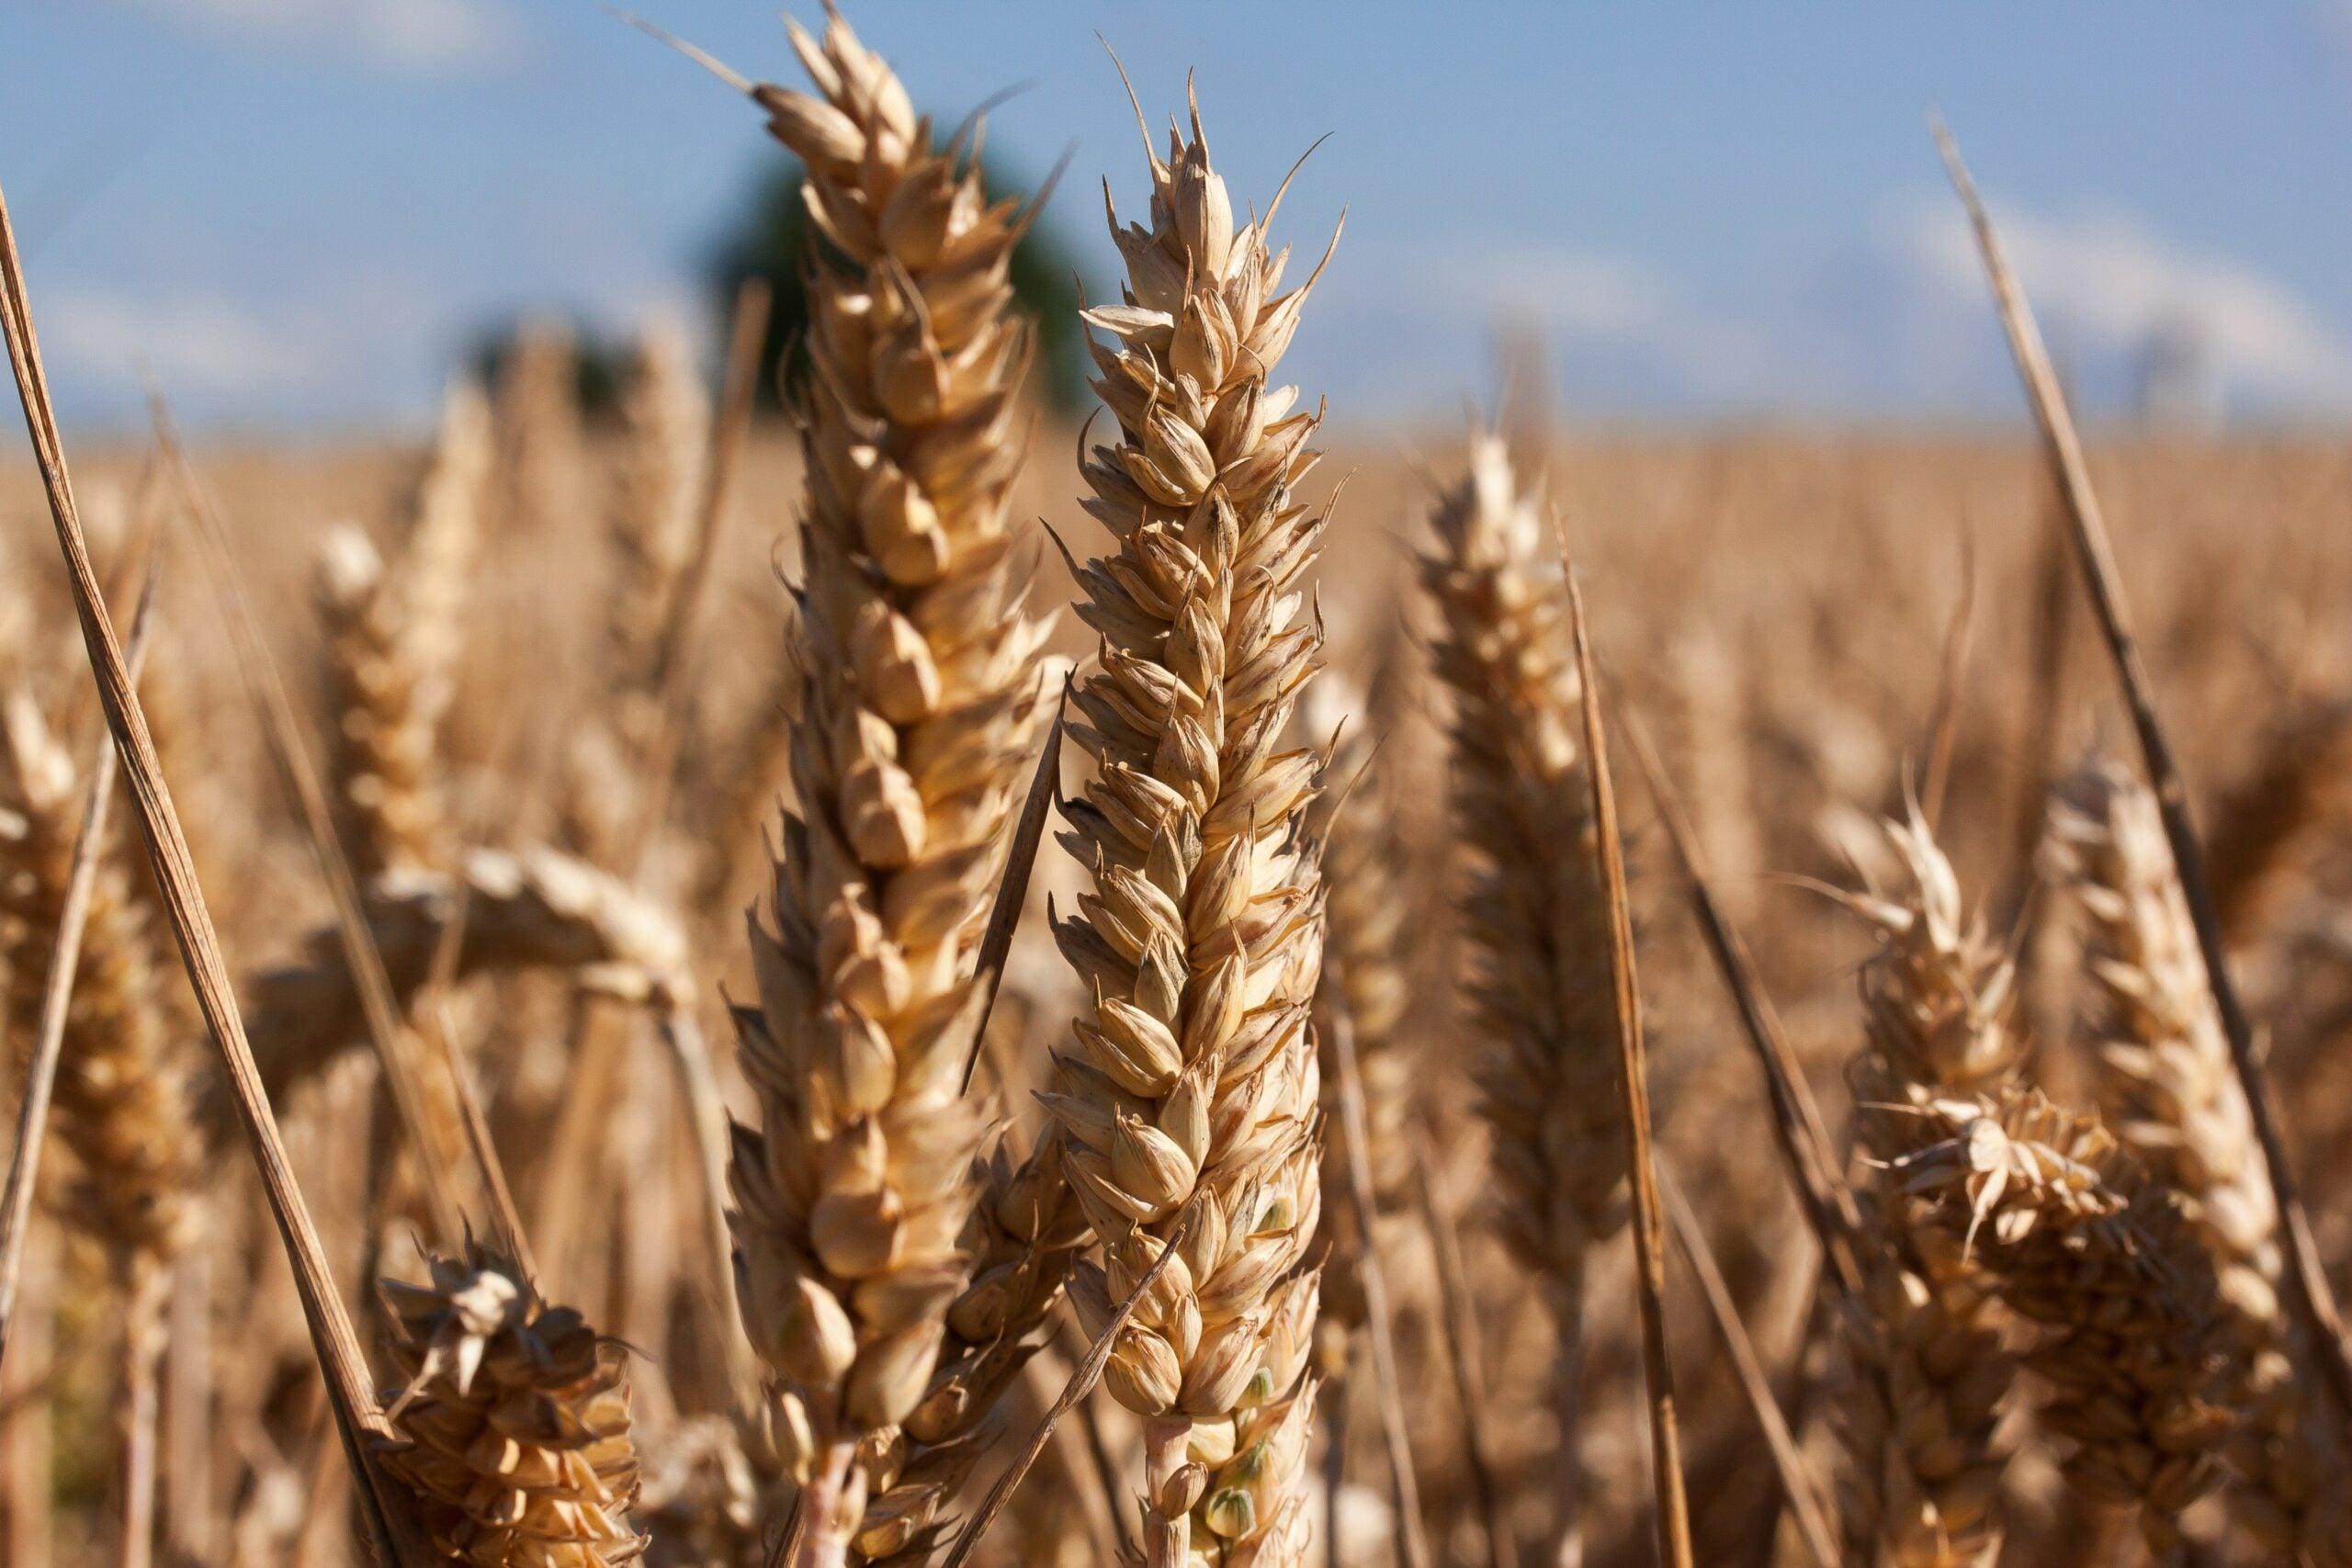 Wheat farm and blue sky